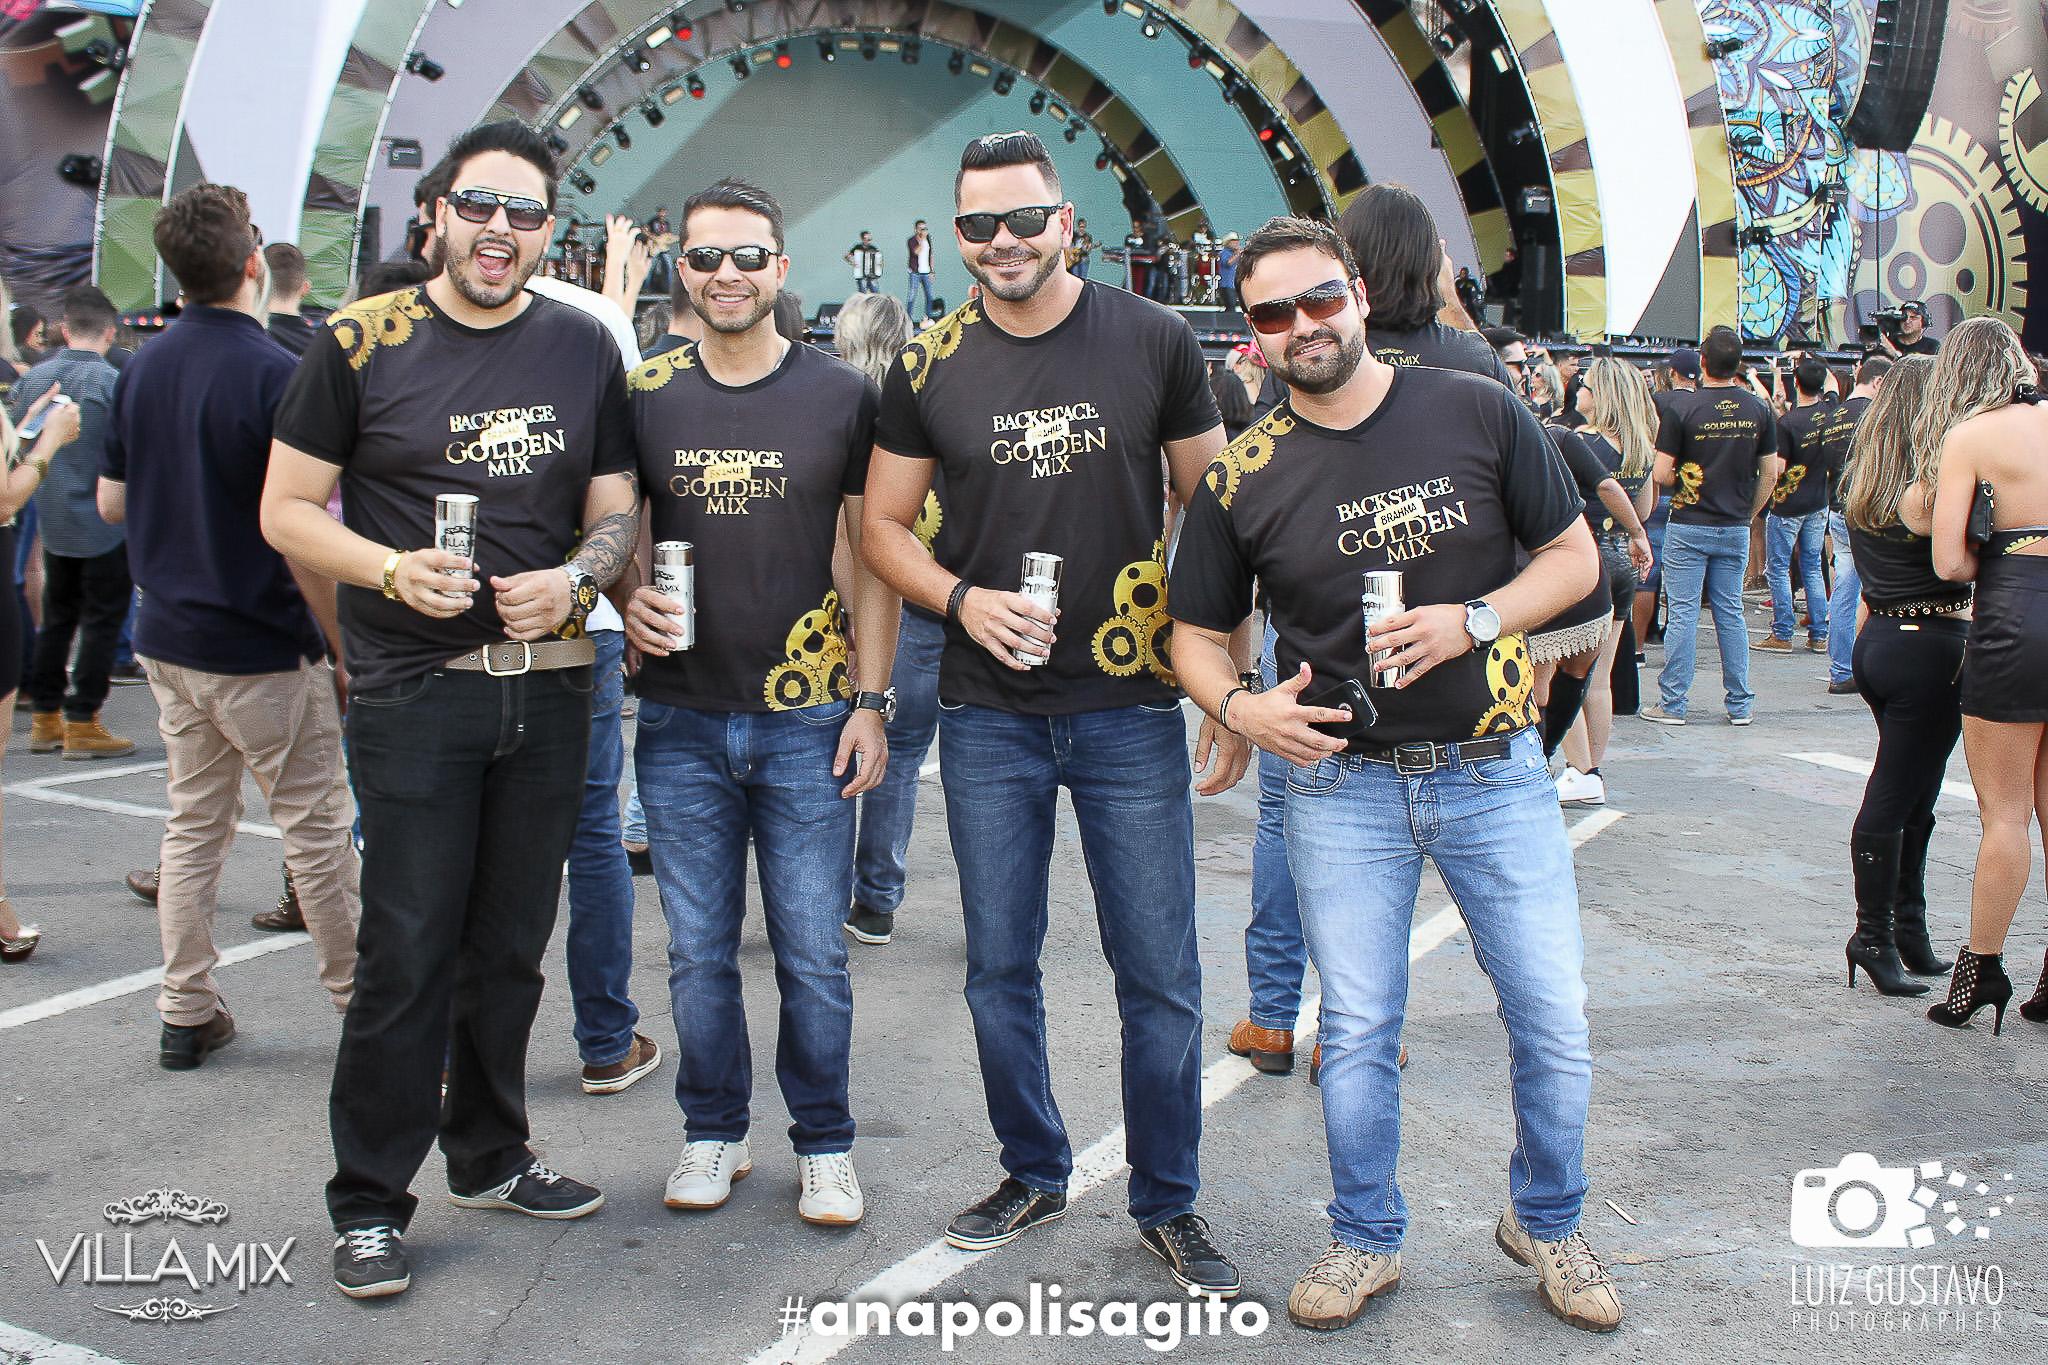 Luiz Gustavo Photographer (10 de 327)